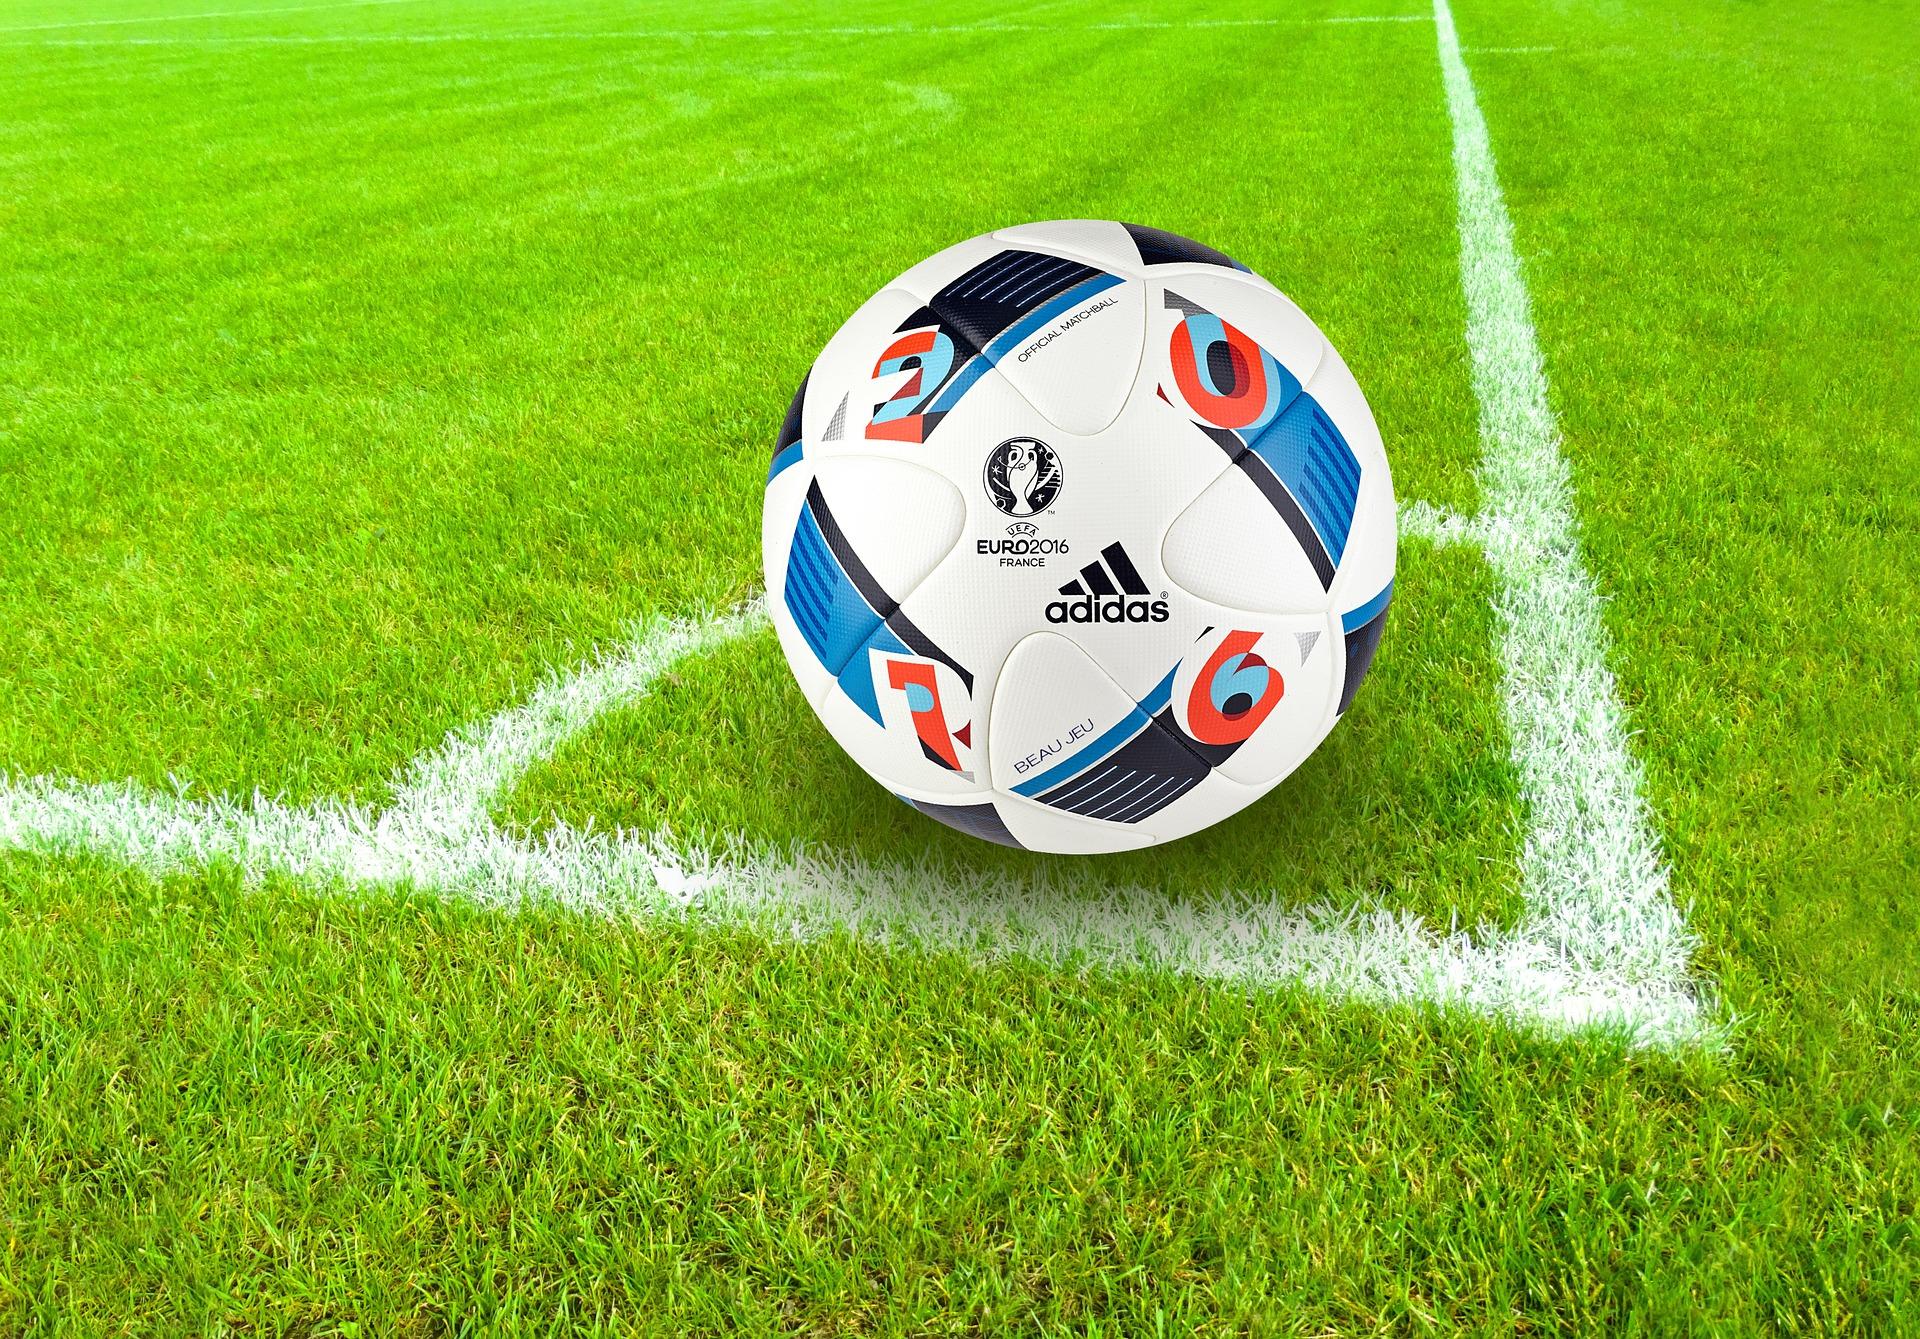 LINET Services veranstaltet Tippspiel zur Fußball-EM